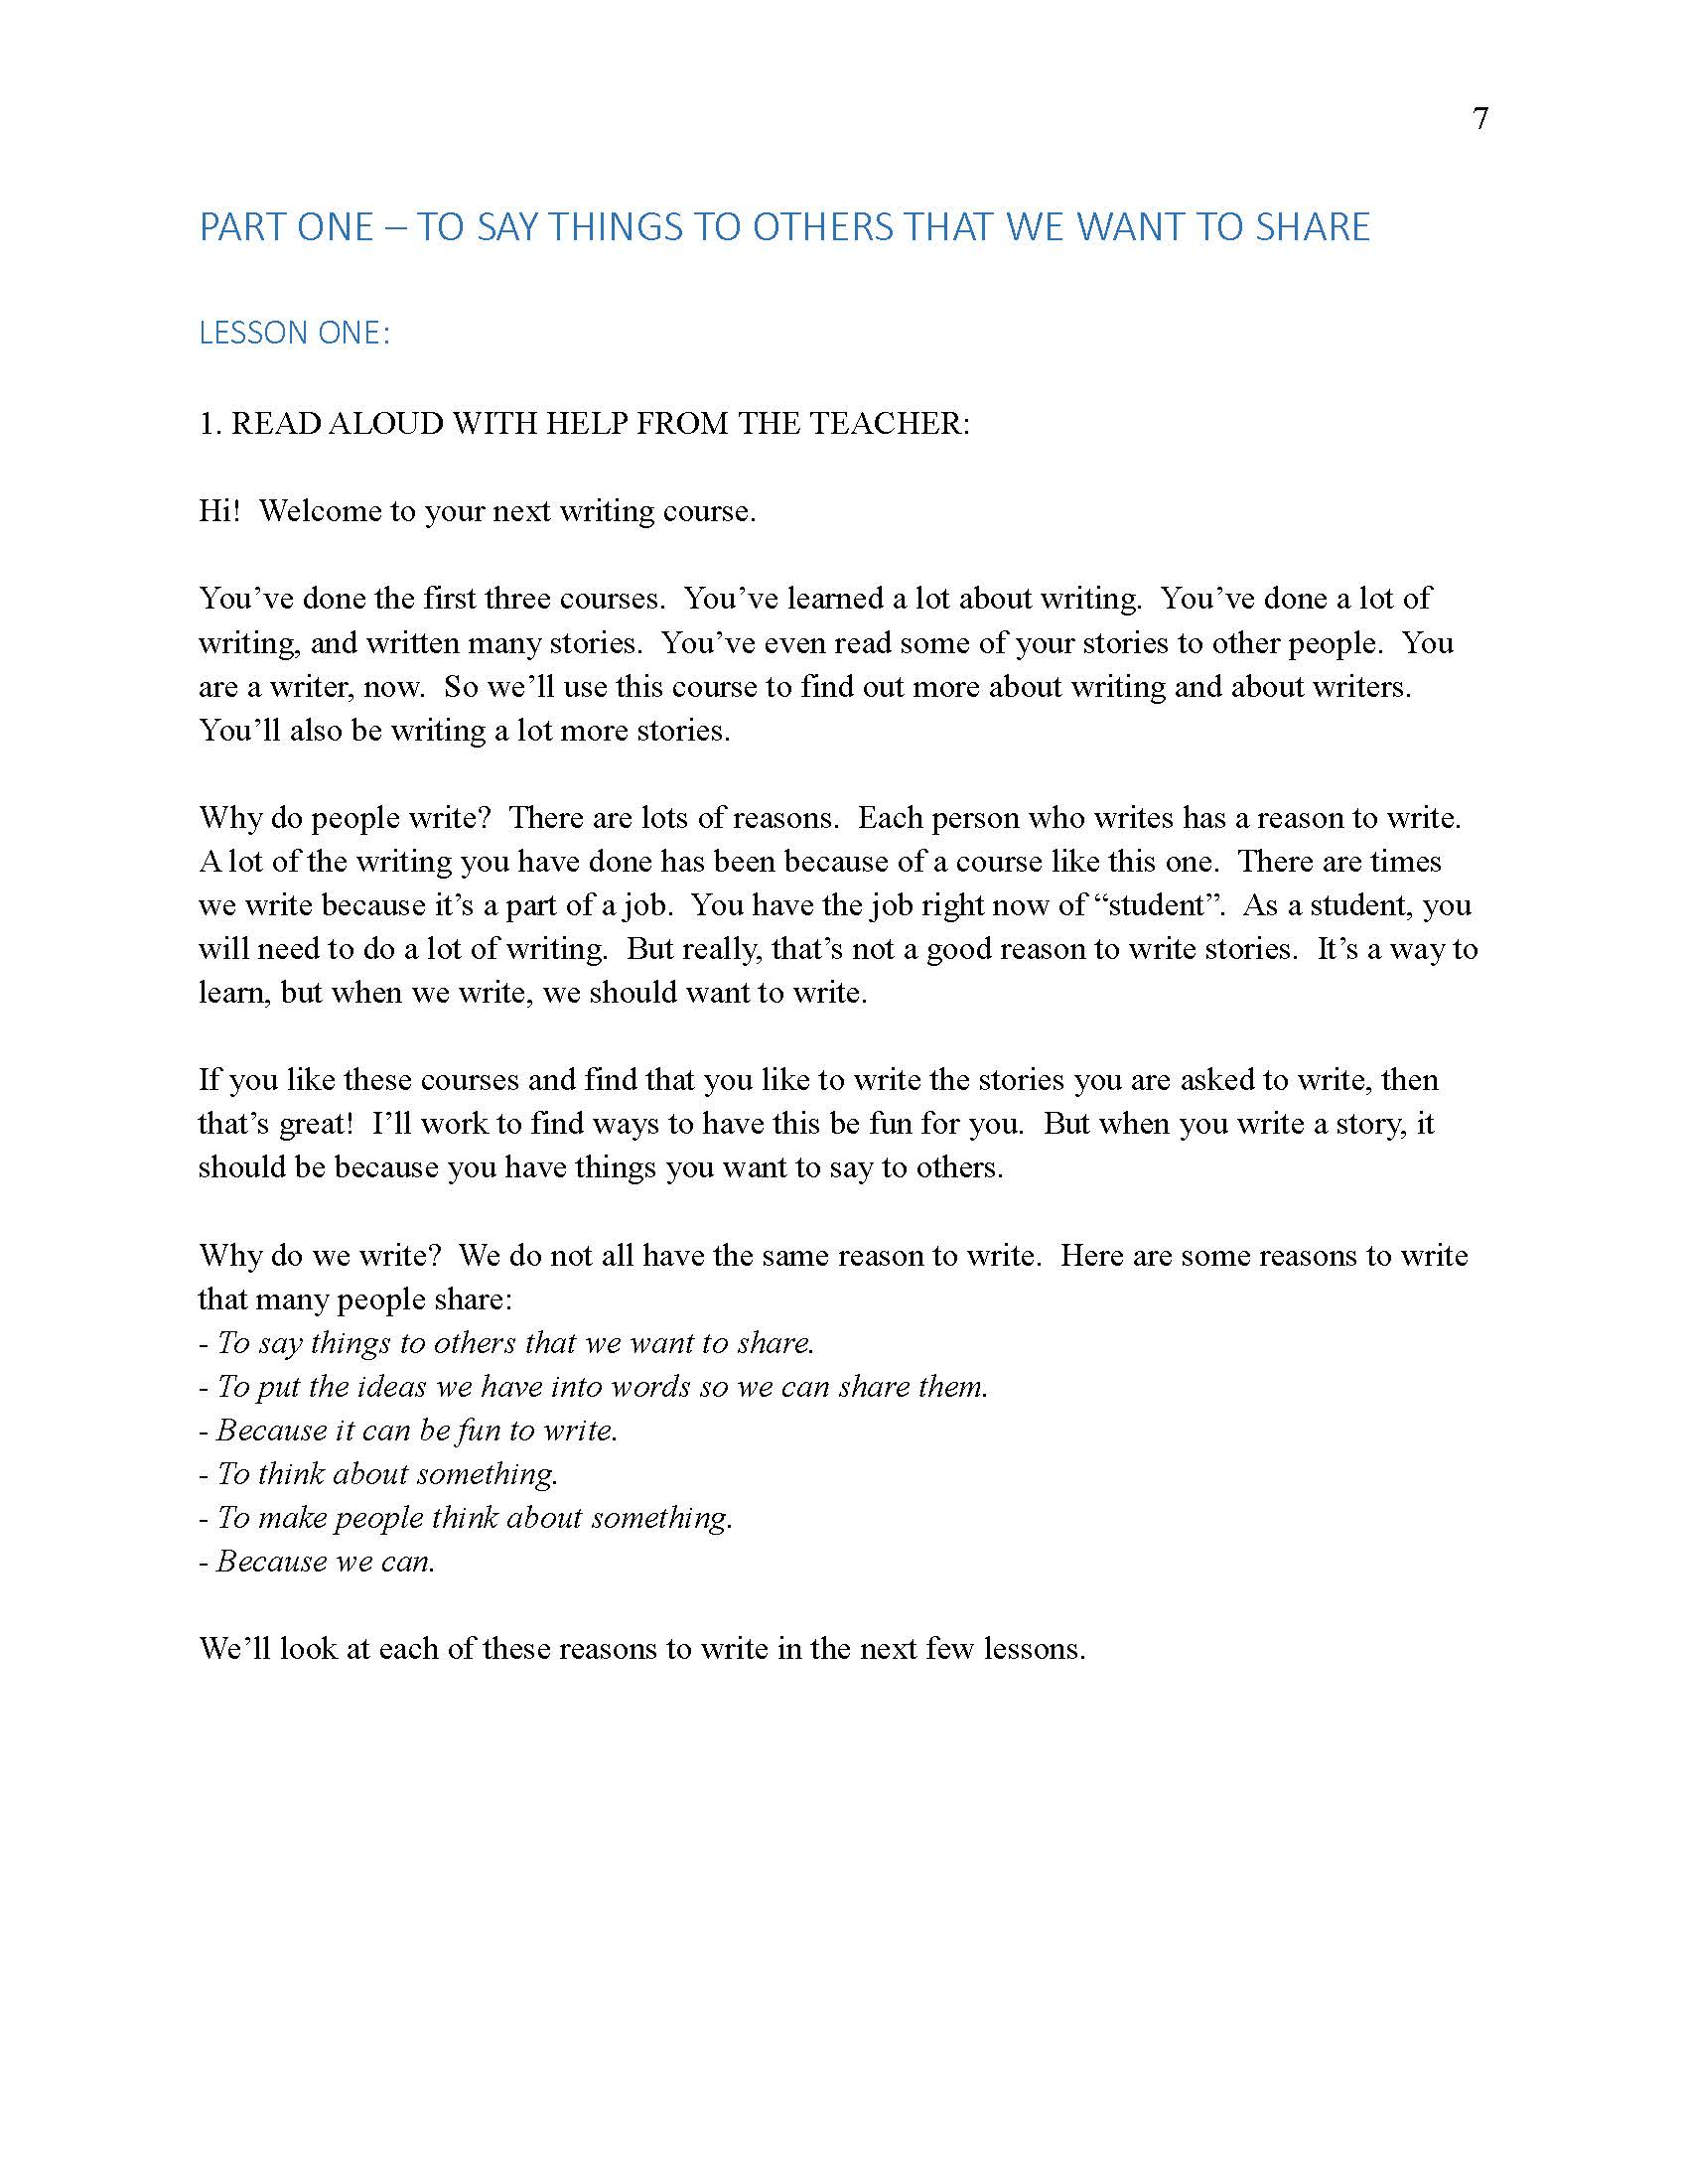 Step 1 Creative Writing 4_Page_008.jpg